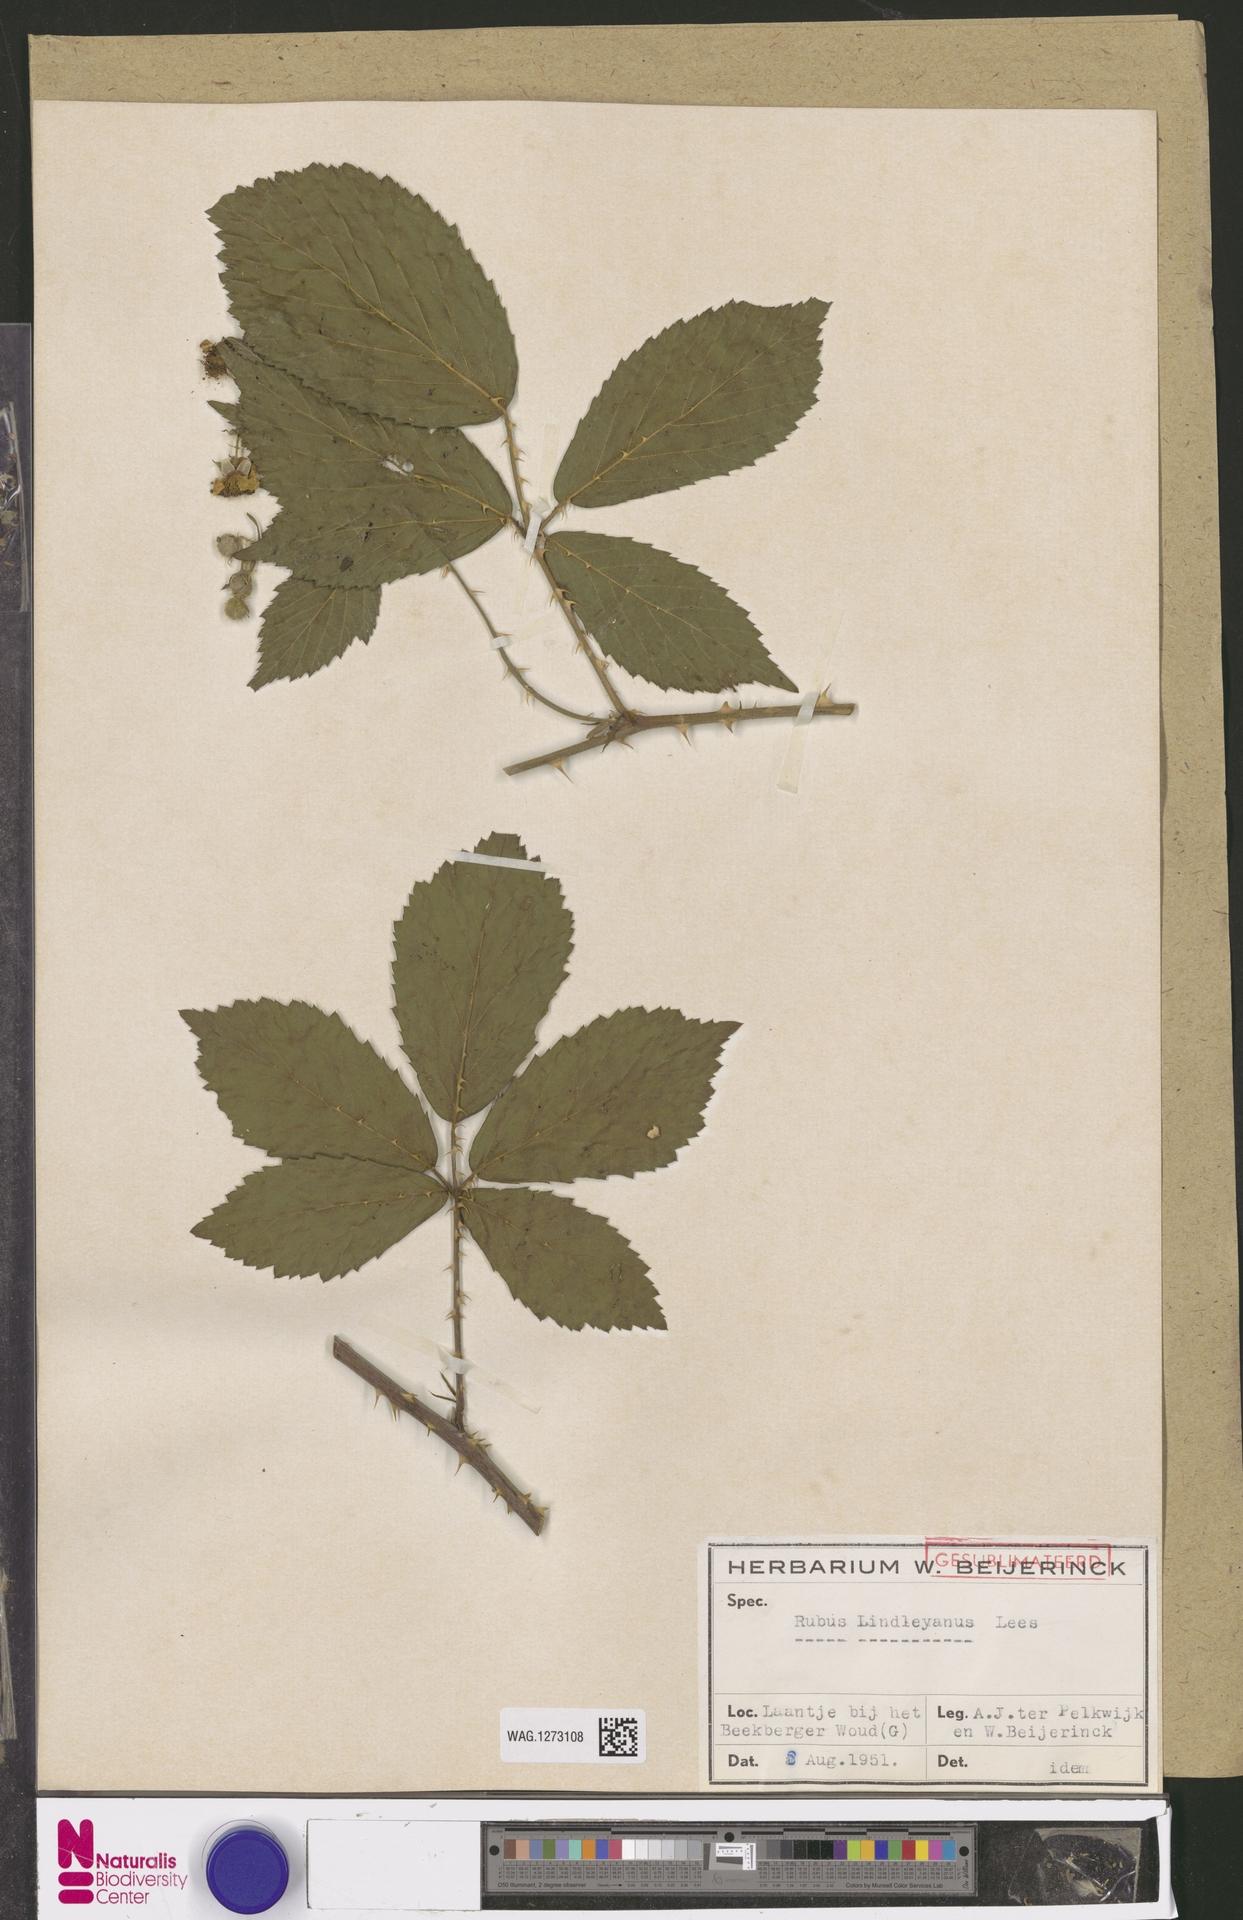 WAG.1273108   Rubus lindleianus Lees